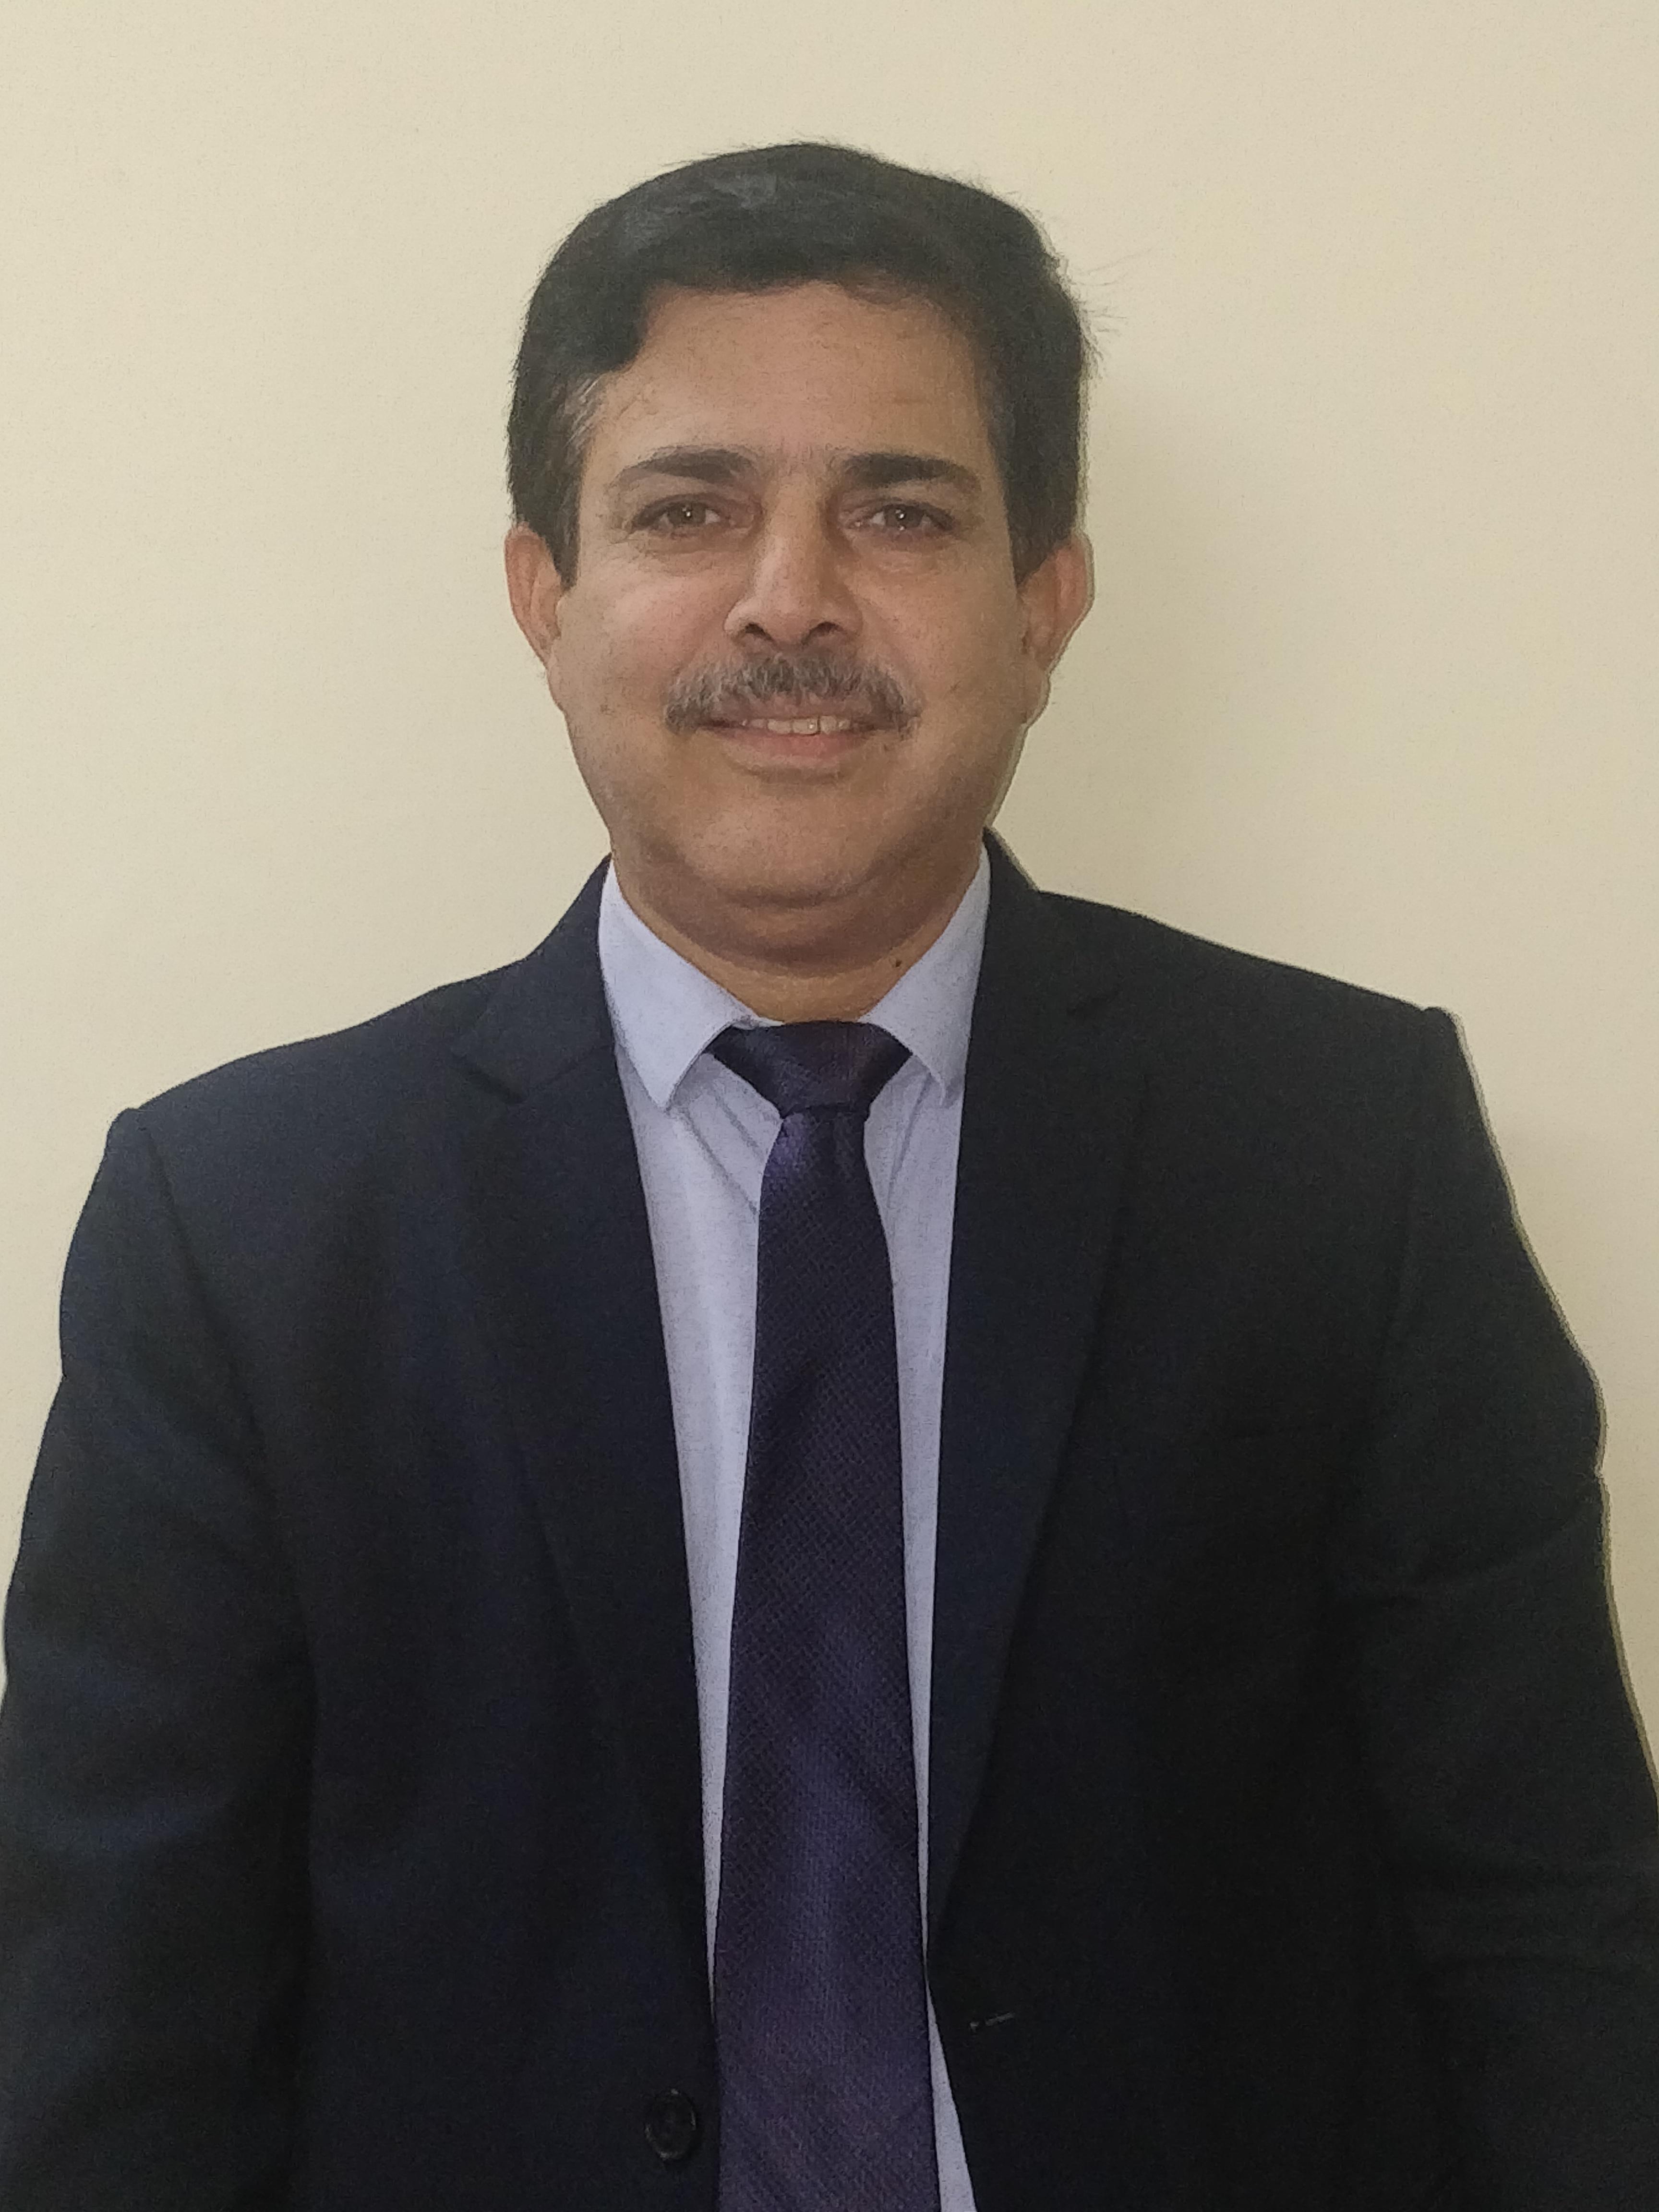 डॉ शिव कुमार, वैज्ञानिक 'जी'